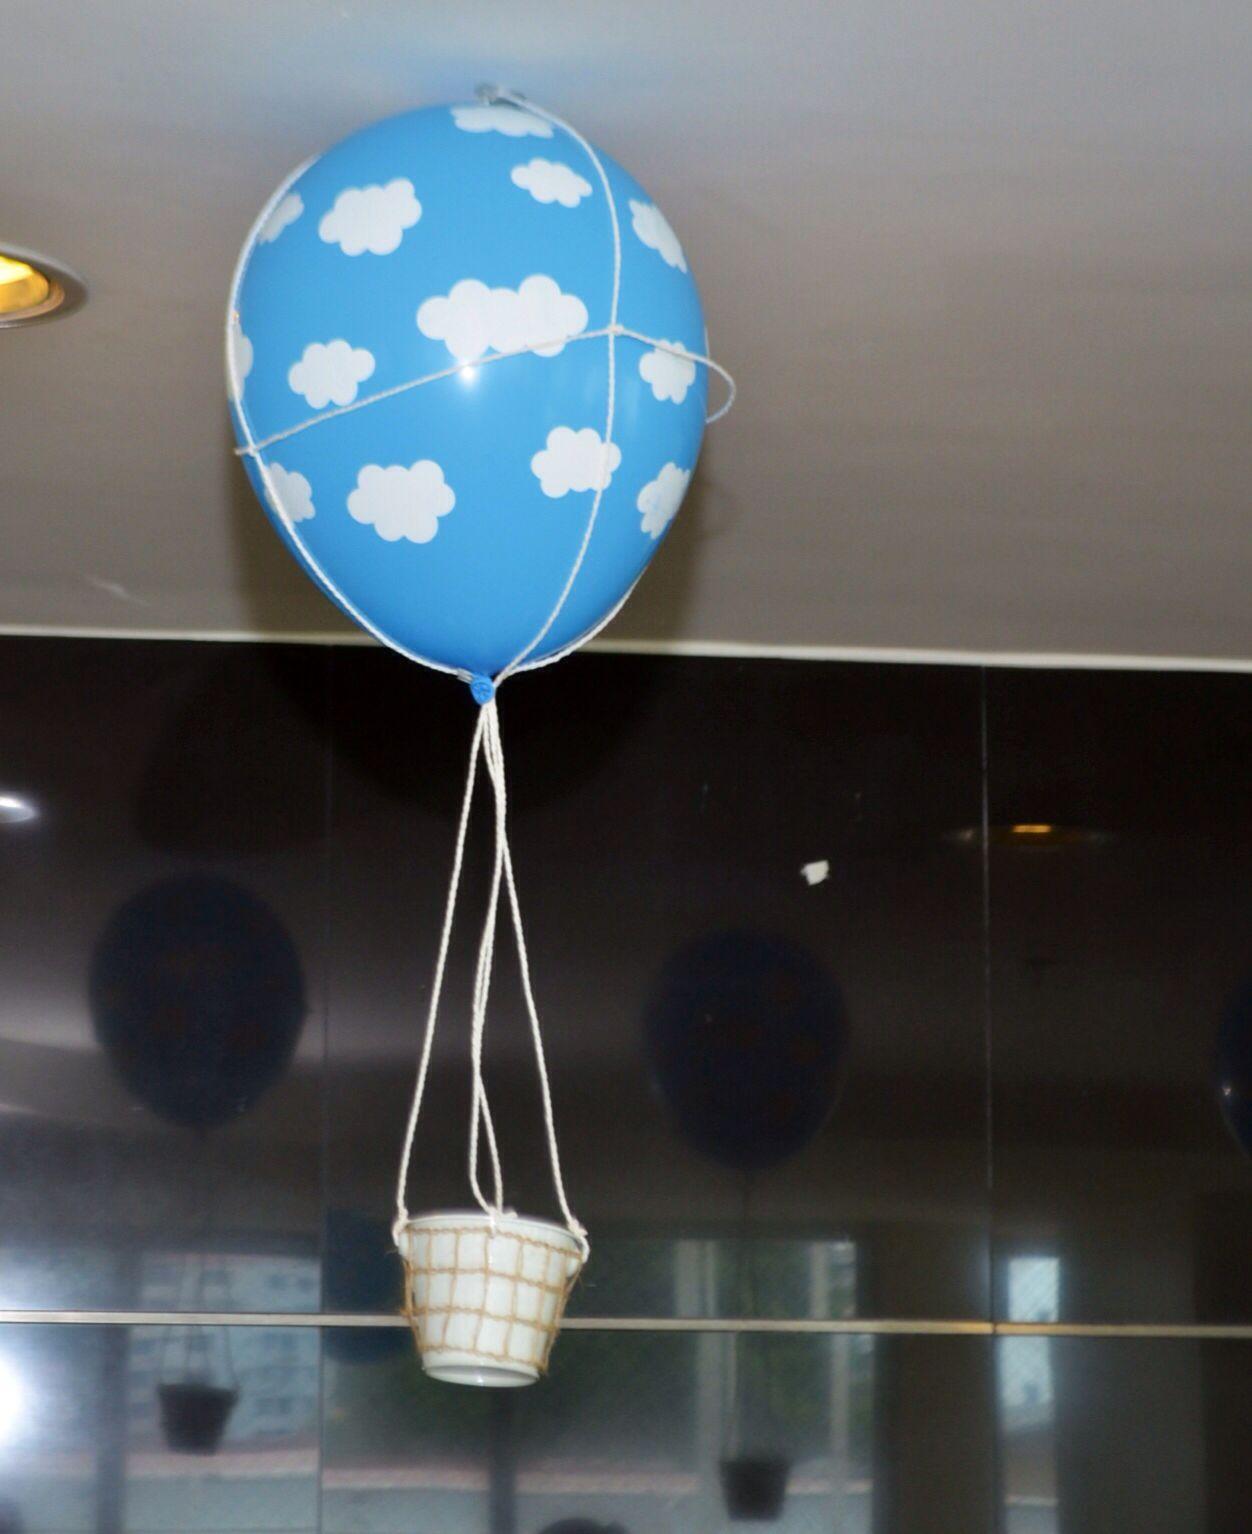 Globo de helio en forma de globo aerost tico para bautizo - Helio para inflar globos barato ...